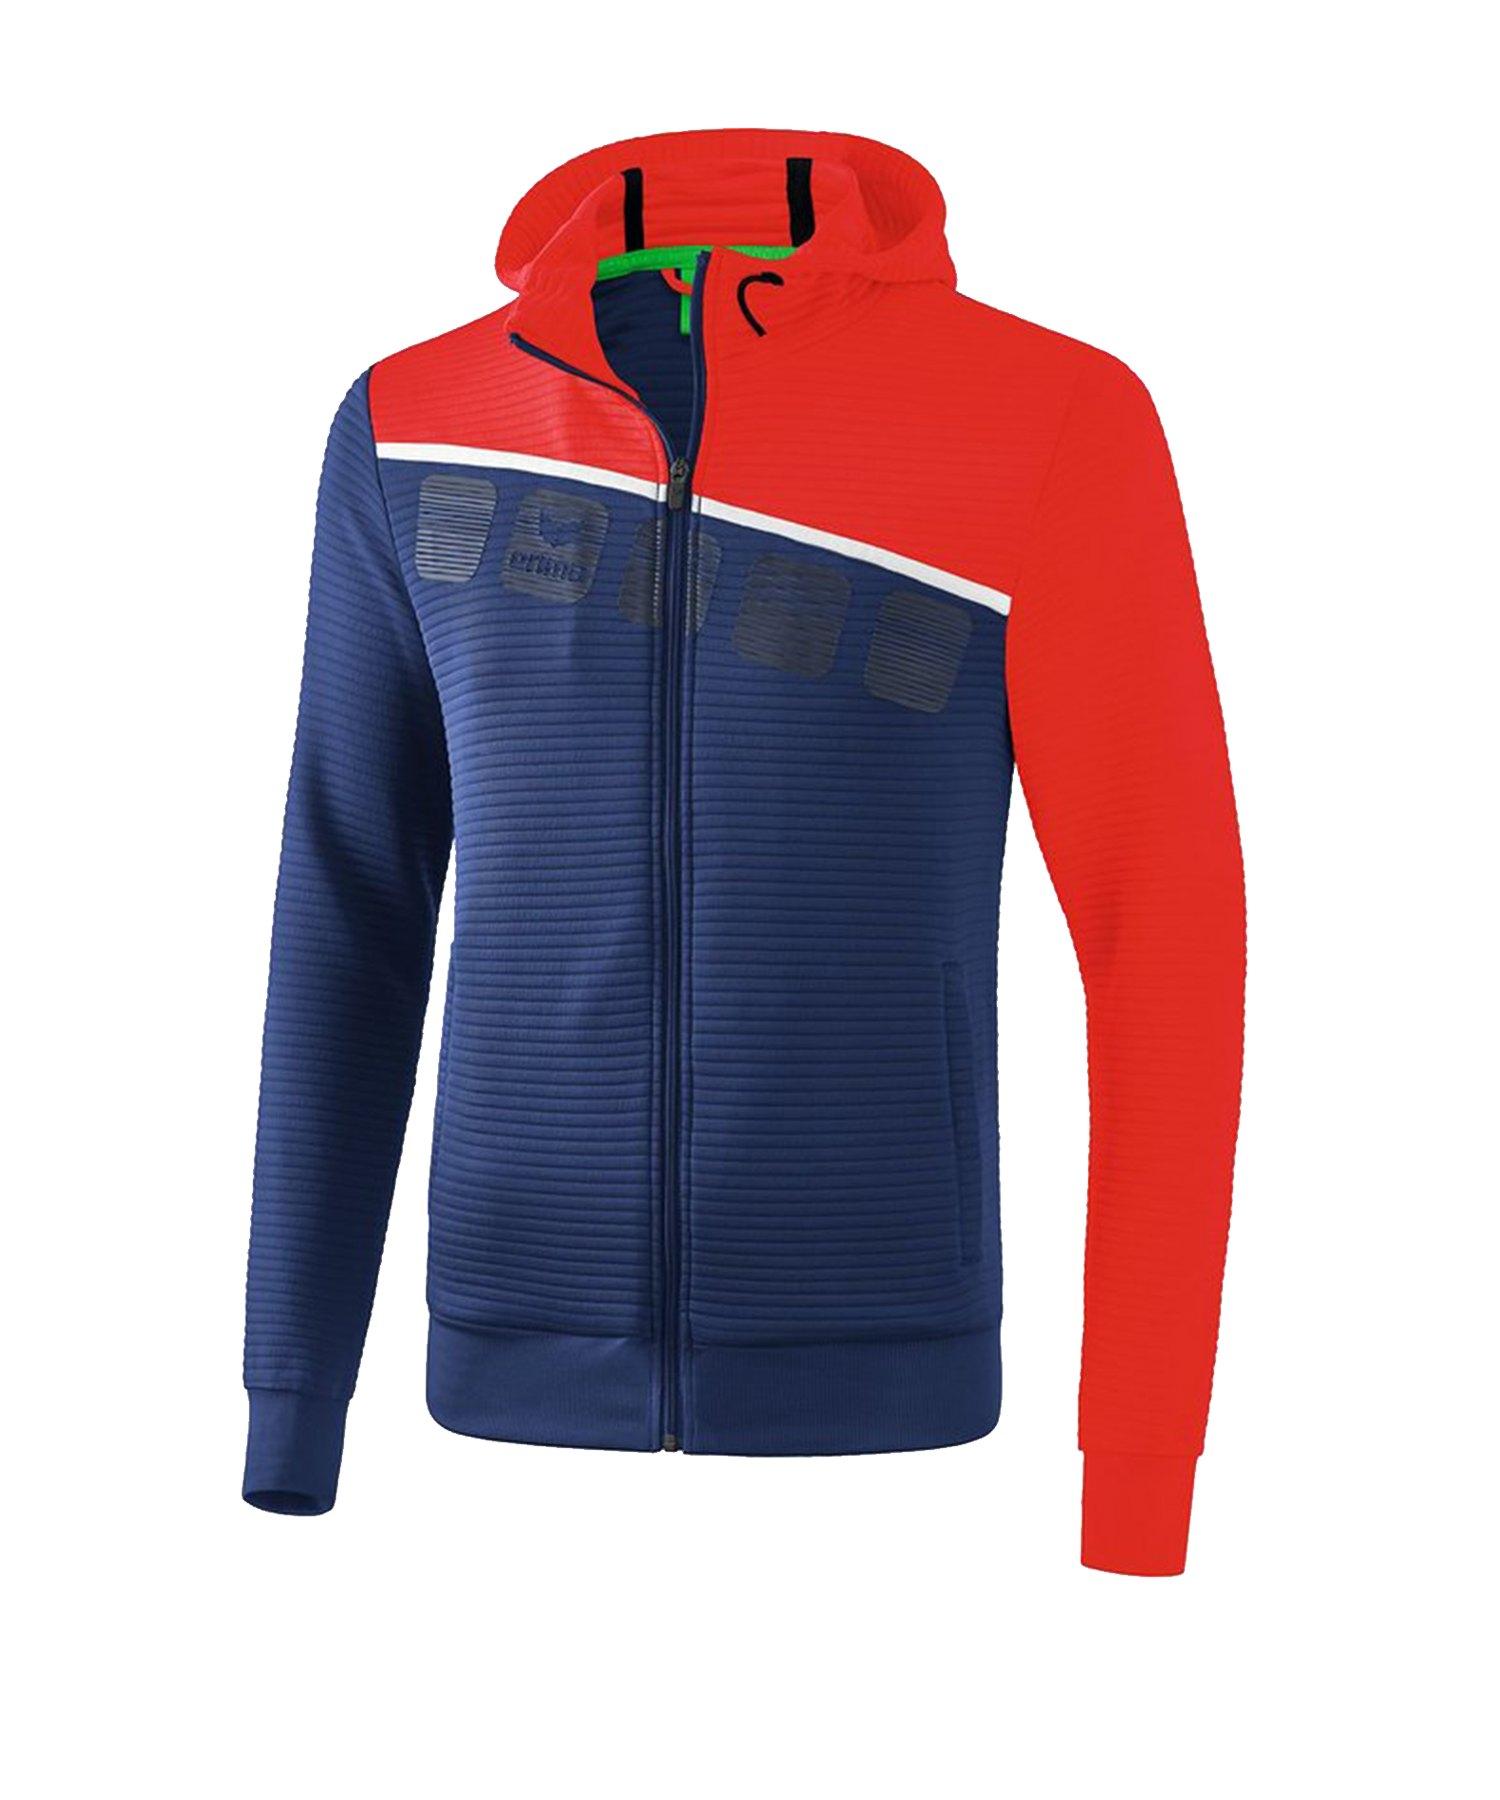 Erima 5-C Trainingsjacke mit Kapuze Blau Rot - Blau